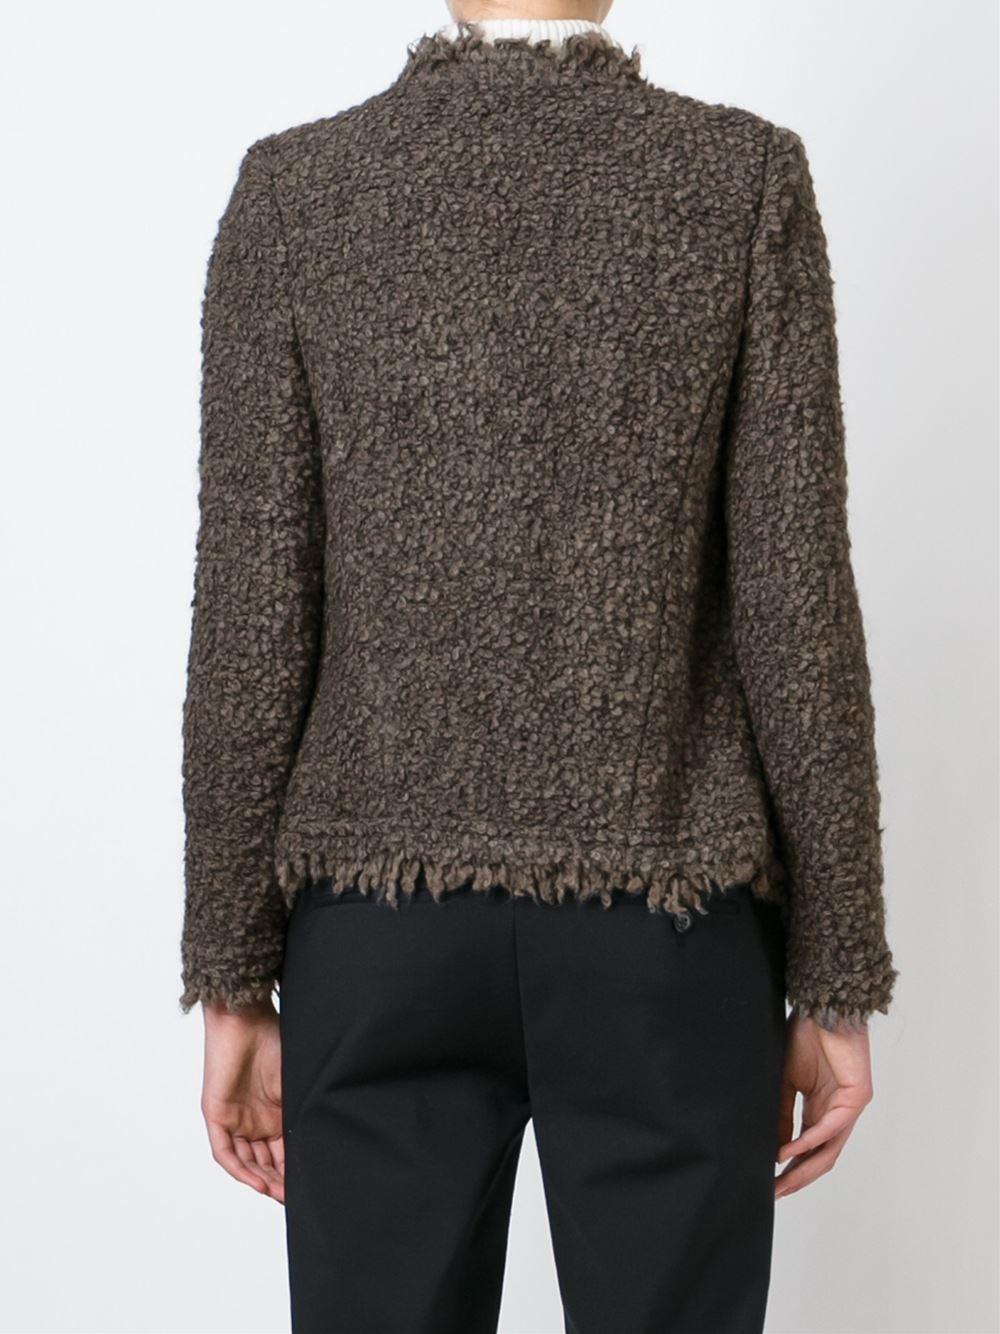 Iro Loop Knit Cardigan in Brown Lyst